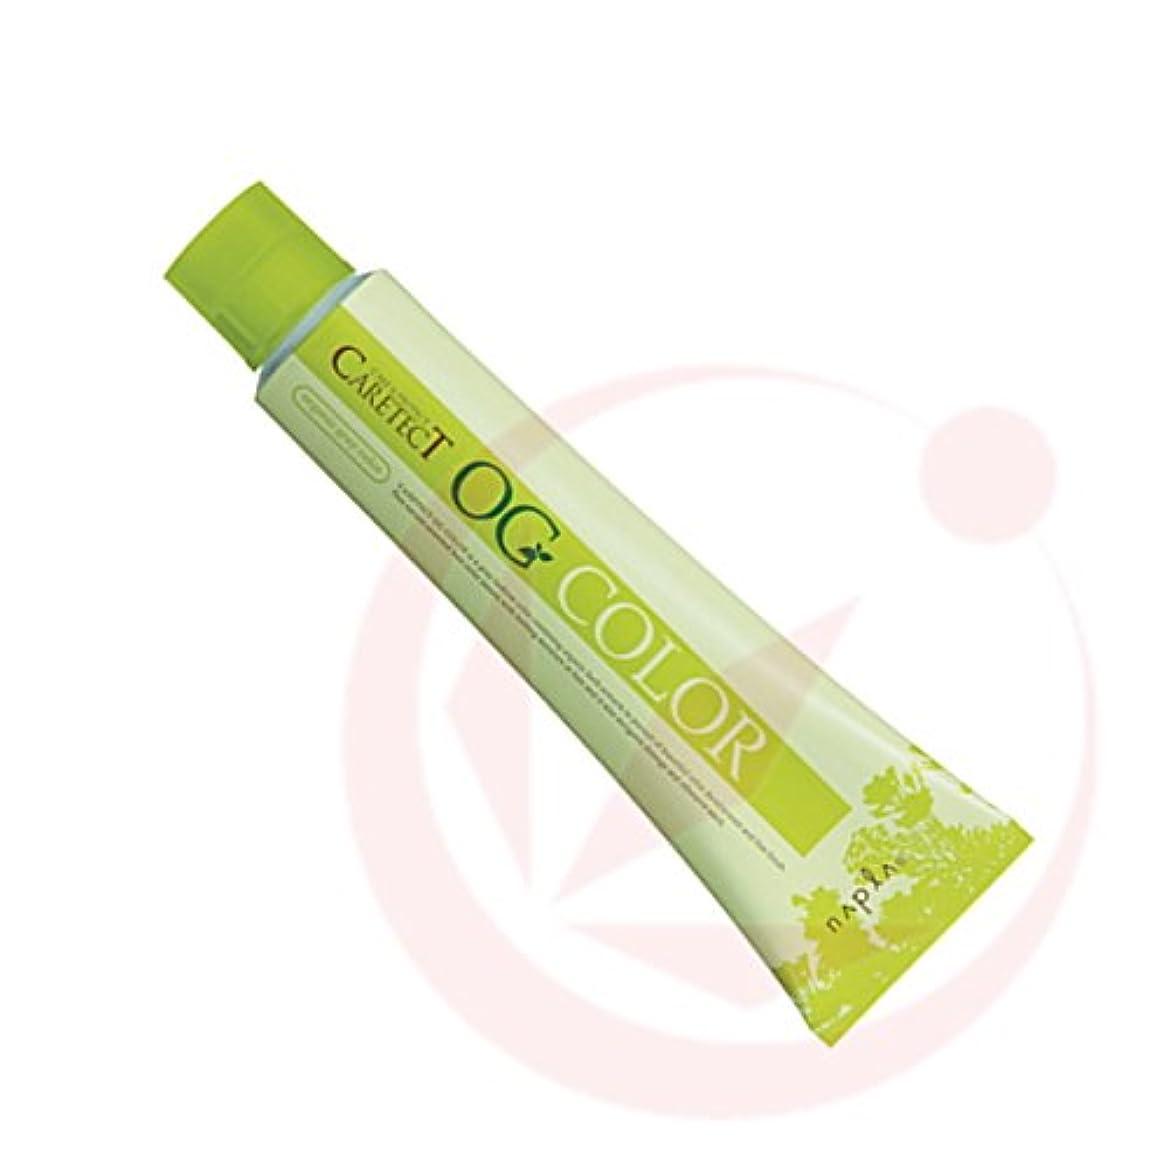 リスナーインテリアただナプラ ケアテクトOG カラー ココア 80g(1剤) 【ココア】O-Co6